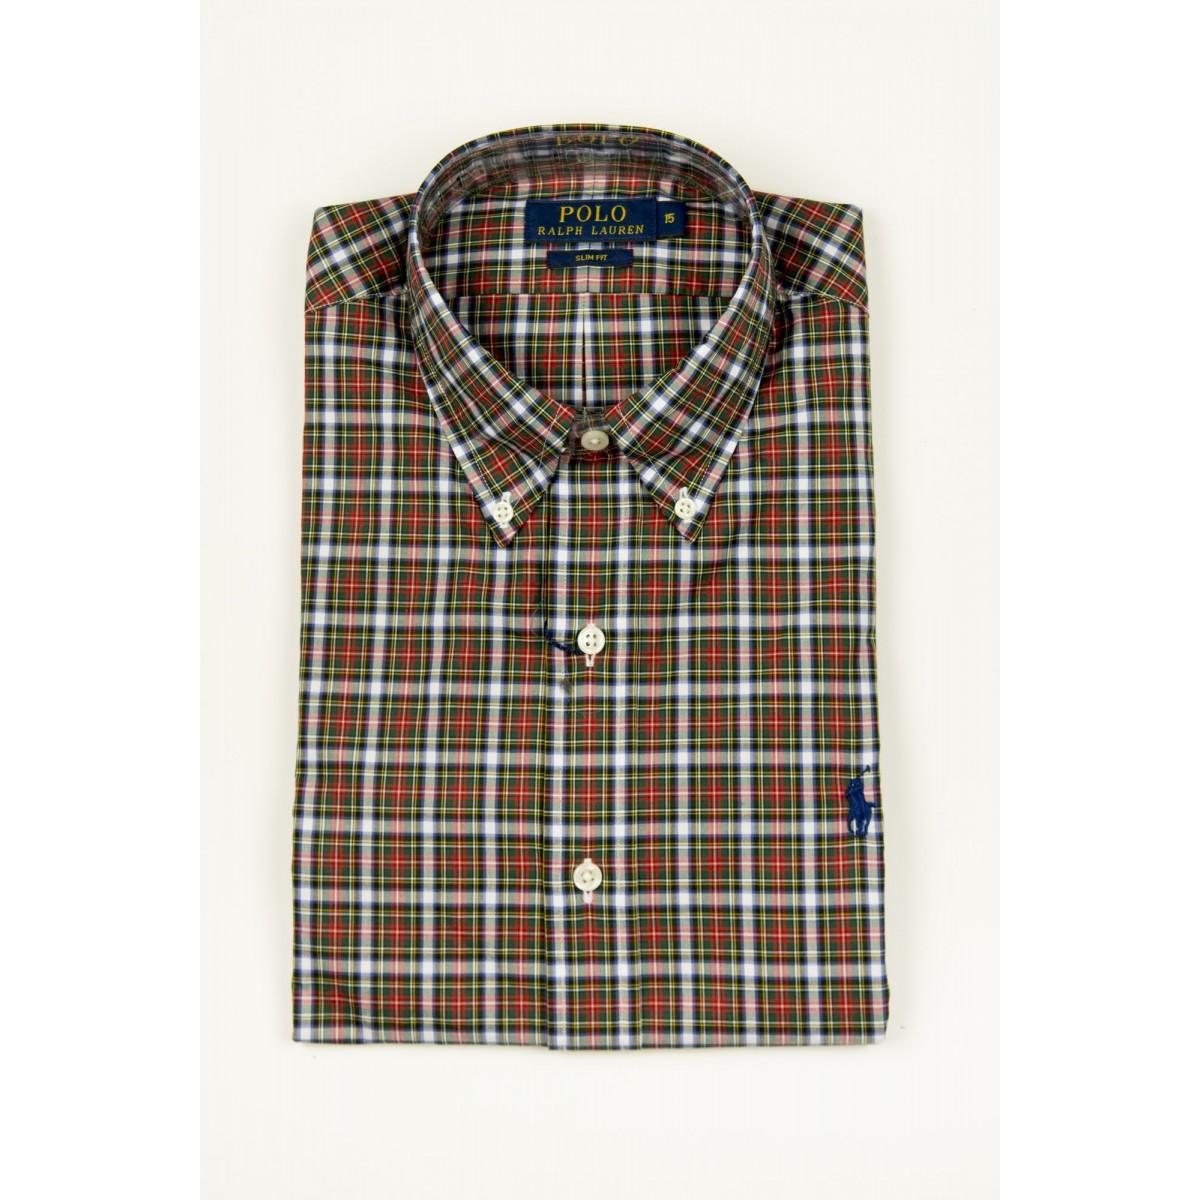 Shirt Polo Ralph Lauren - A02Wsfbkc0038